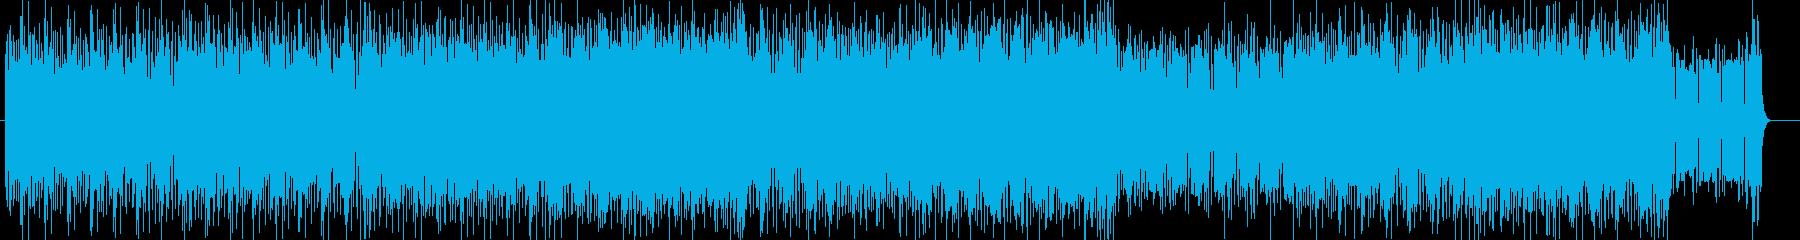 不思議な迷路に迷い込んだようなテクノの再生済みの波形